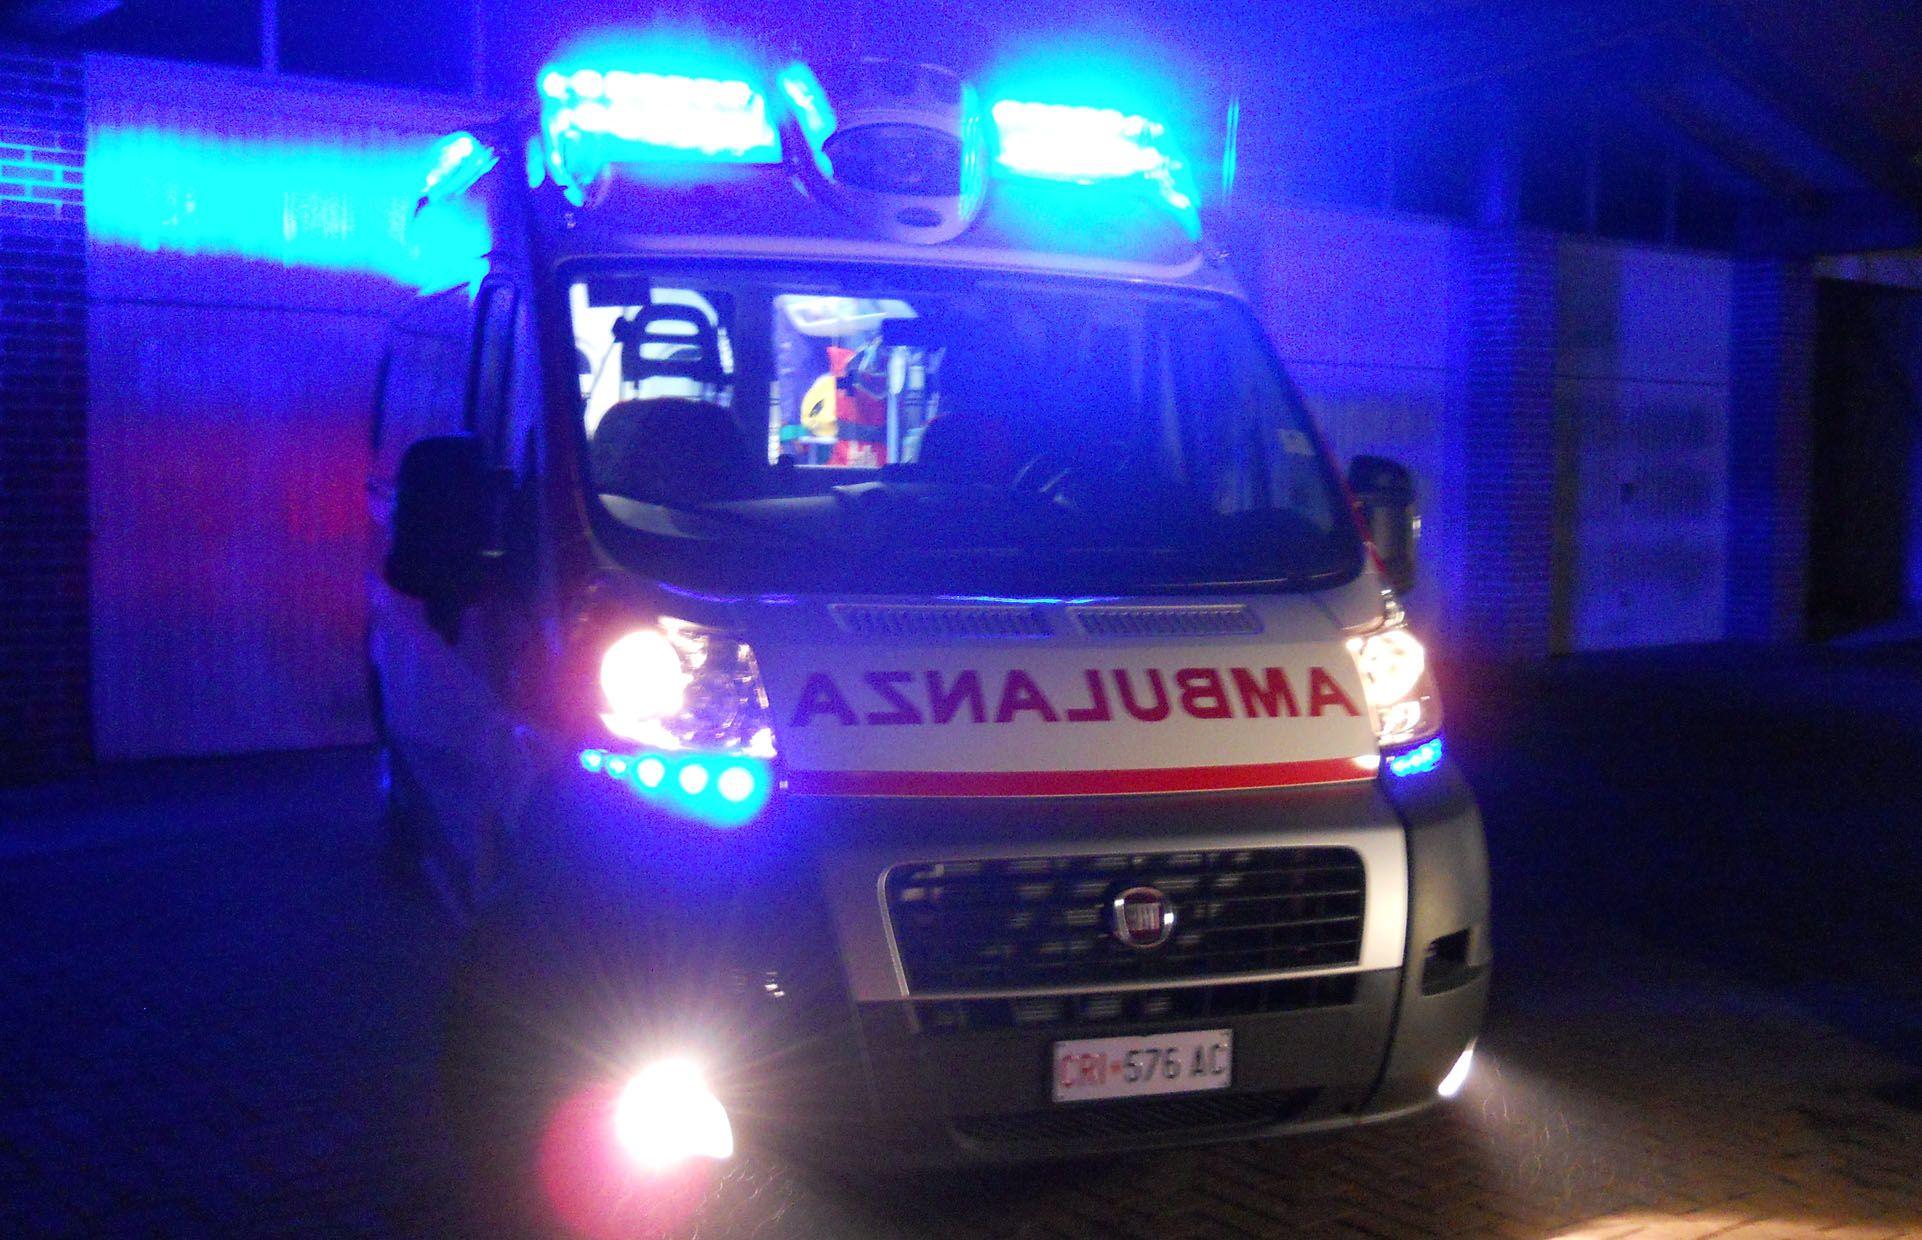 BUSANO - Operaio di Castellamonte muore per un malore fulminante in azienda: aveva solo 41 anni